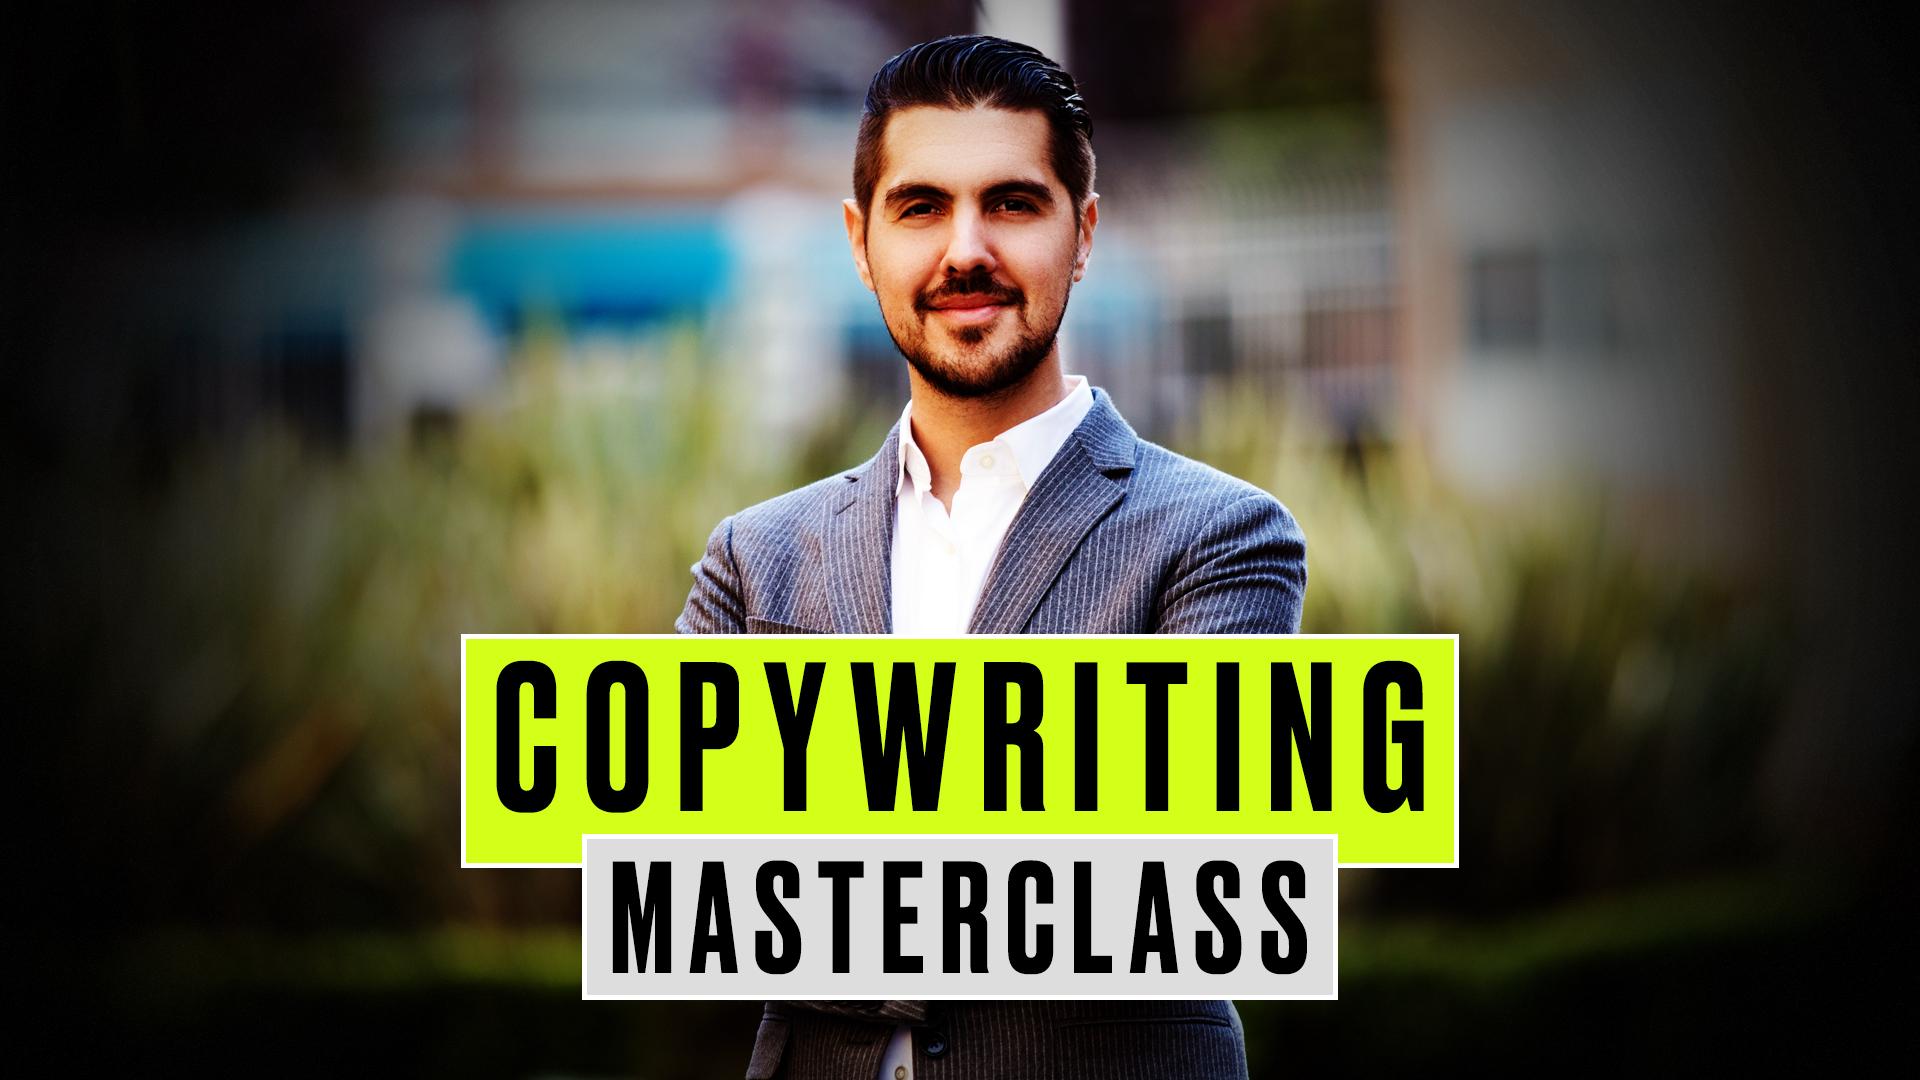 Copywriting Mastery By Jonathan Kendall